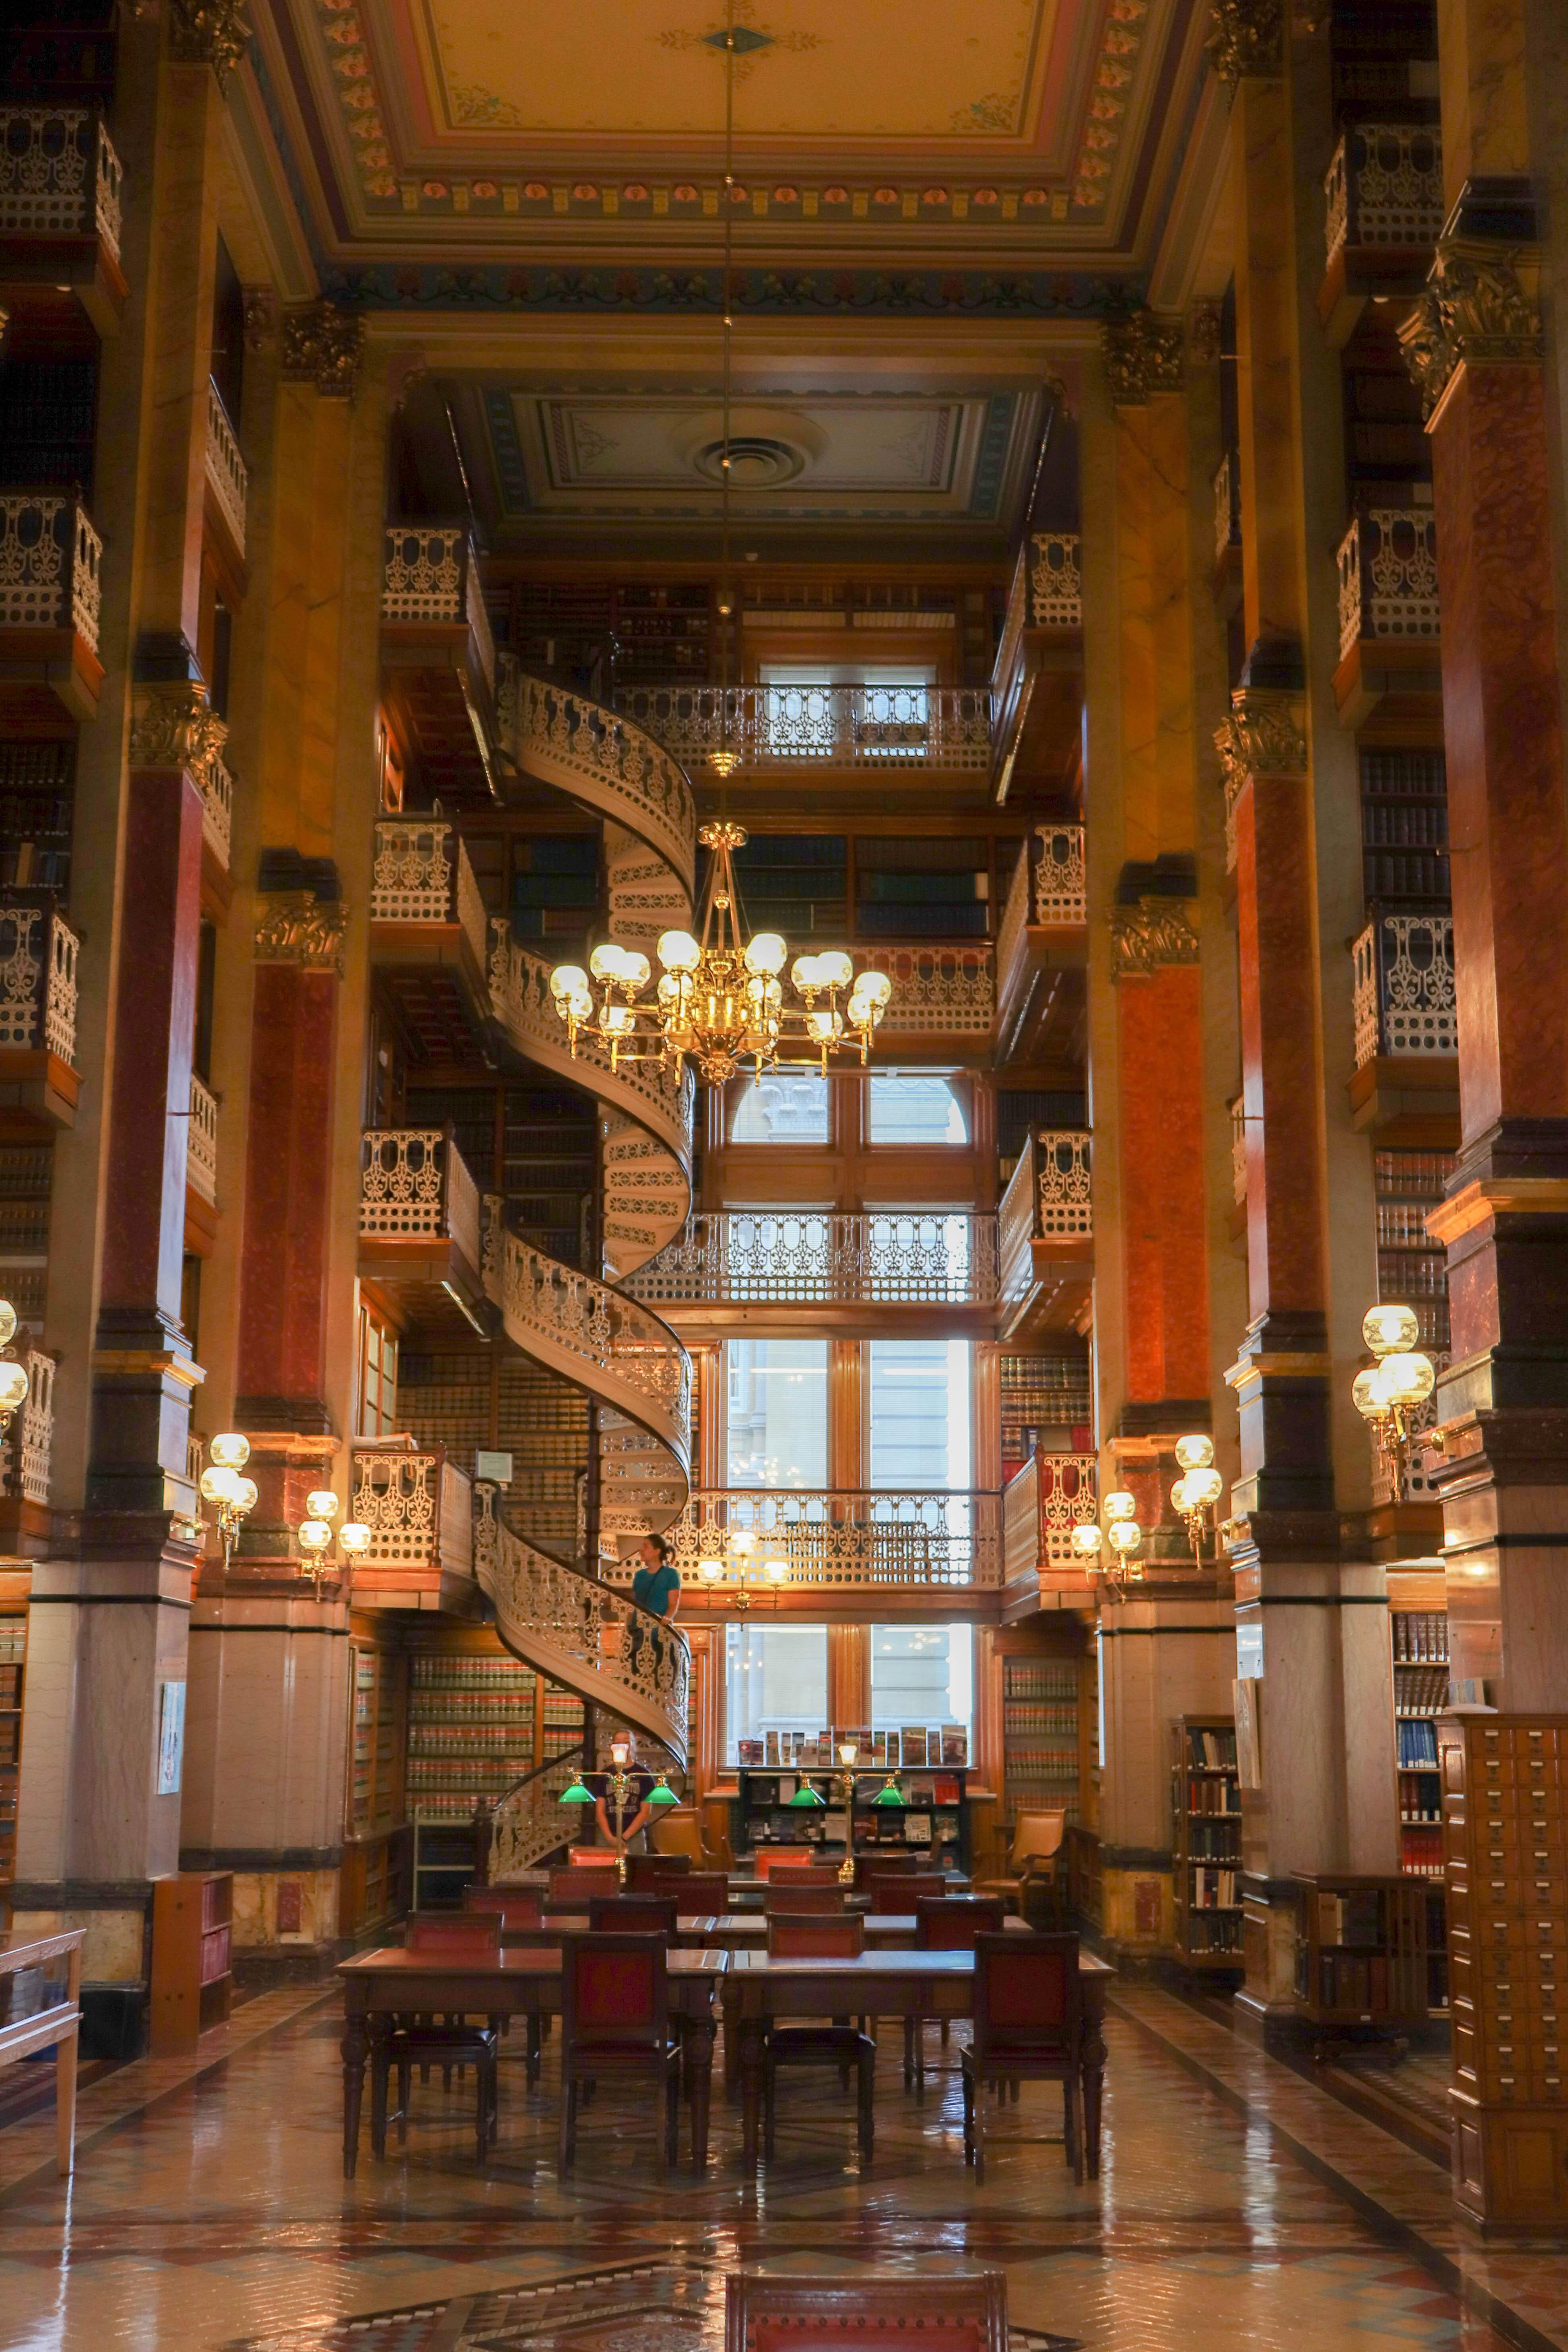 Iowa Law Library